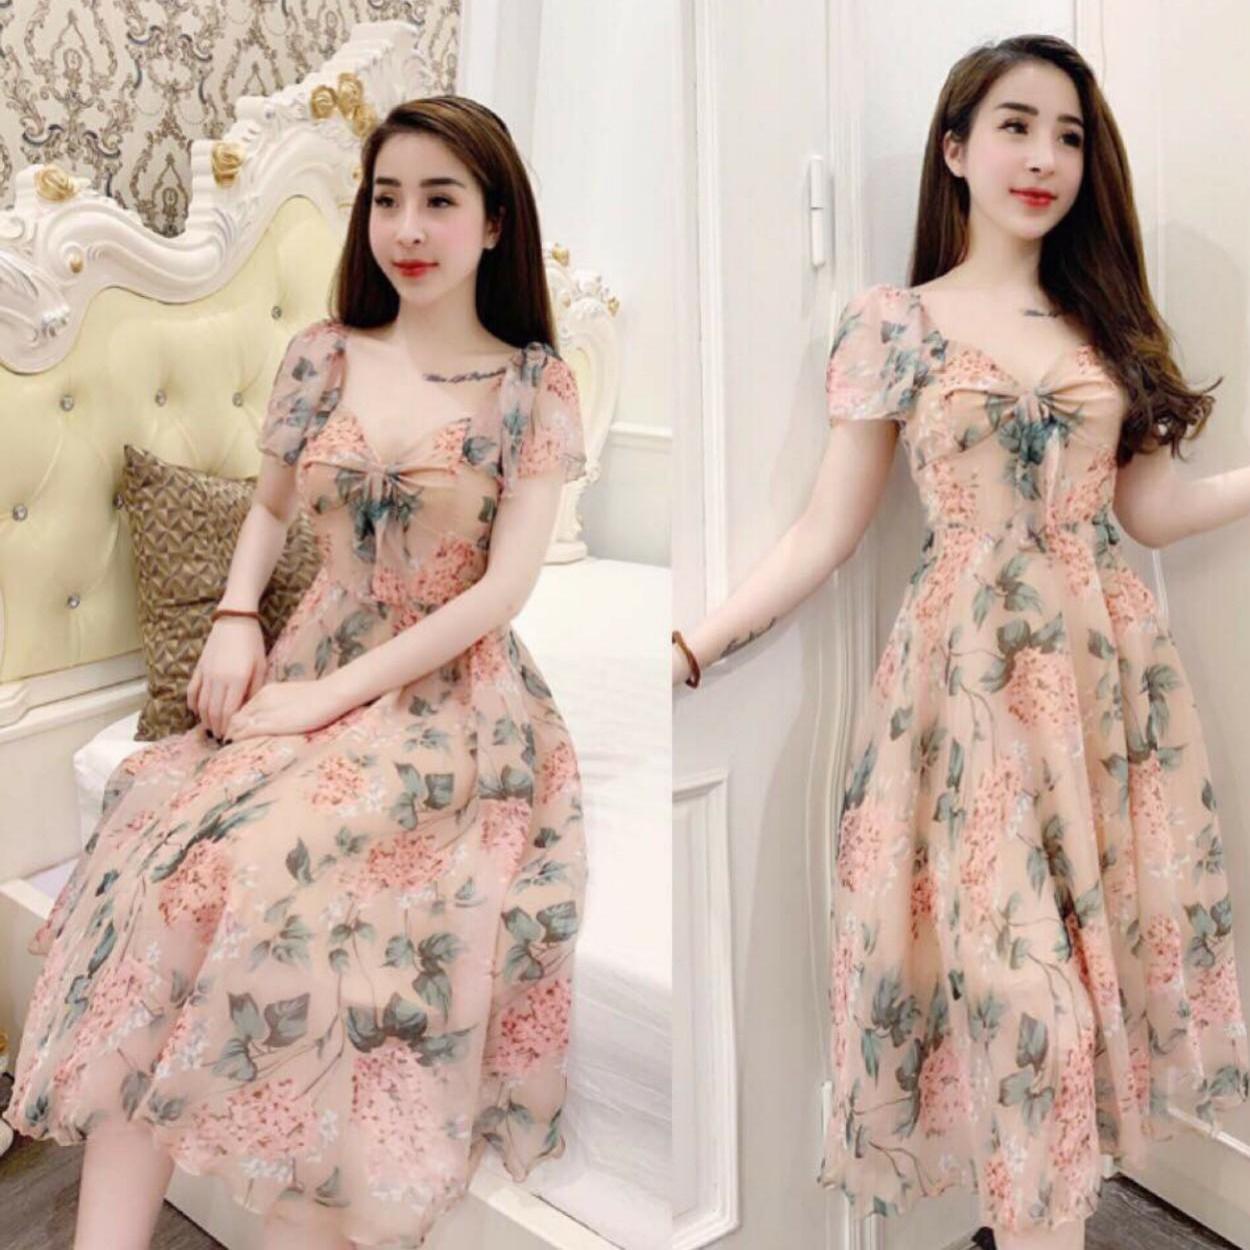 Đầm Nữ Dự Tiệc Voan Hoa Thời Thượng Phong Cách Thời Trang LANABI Giảm Giá Khủng